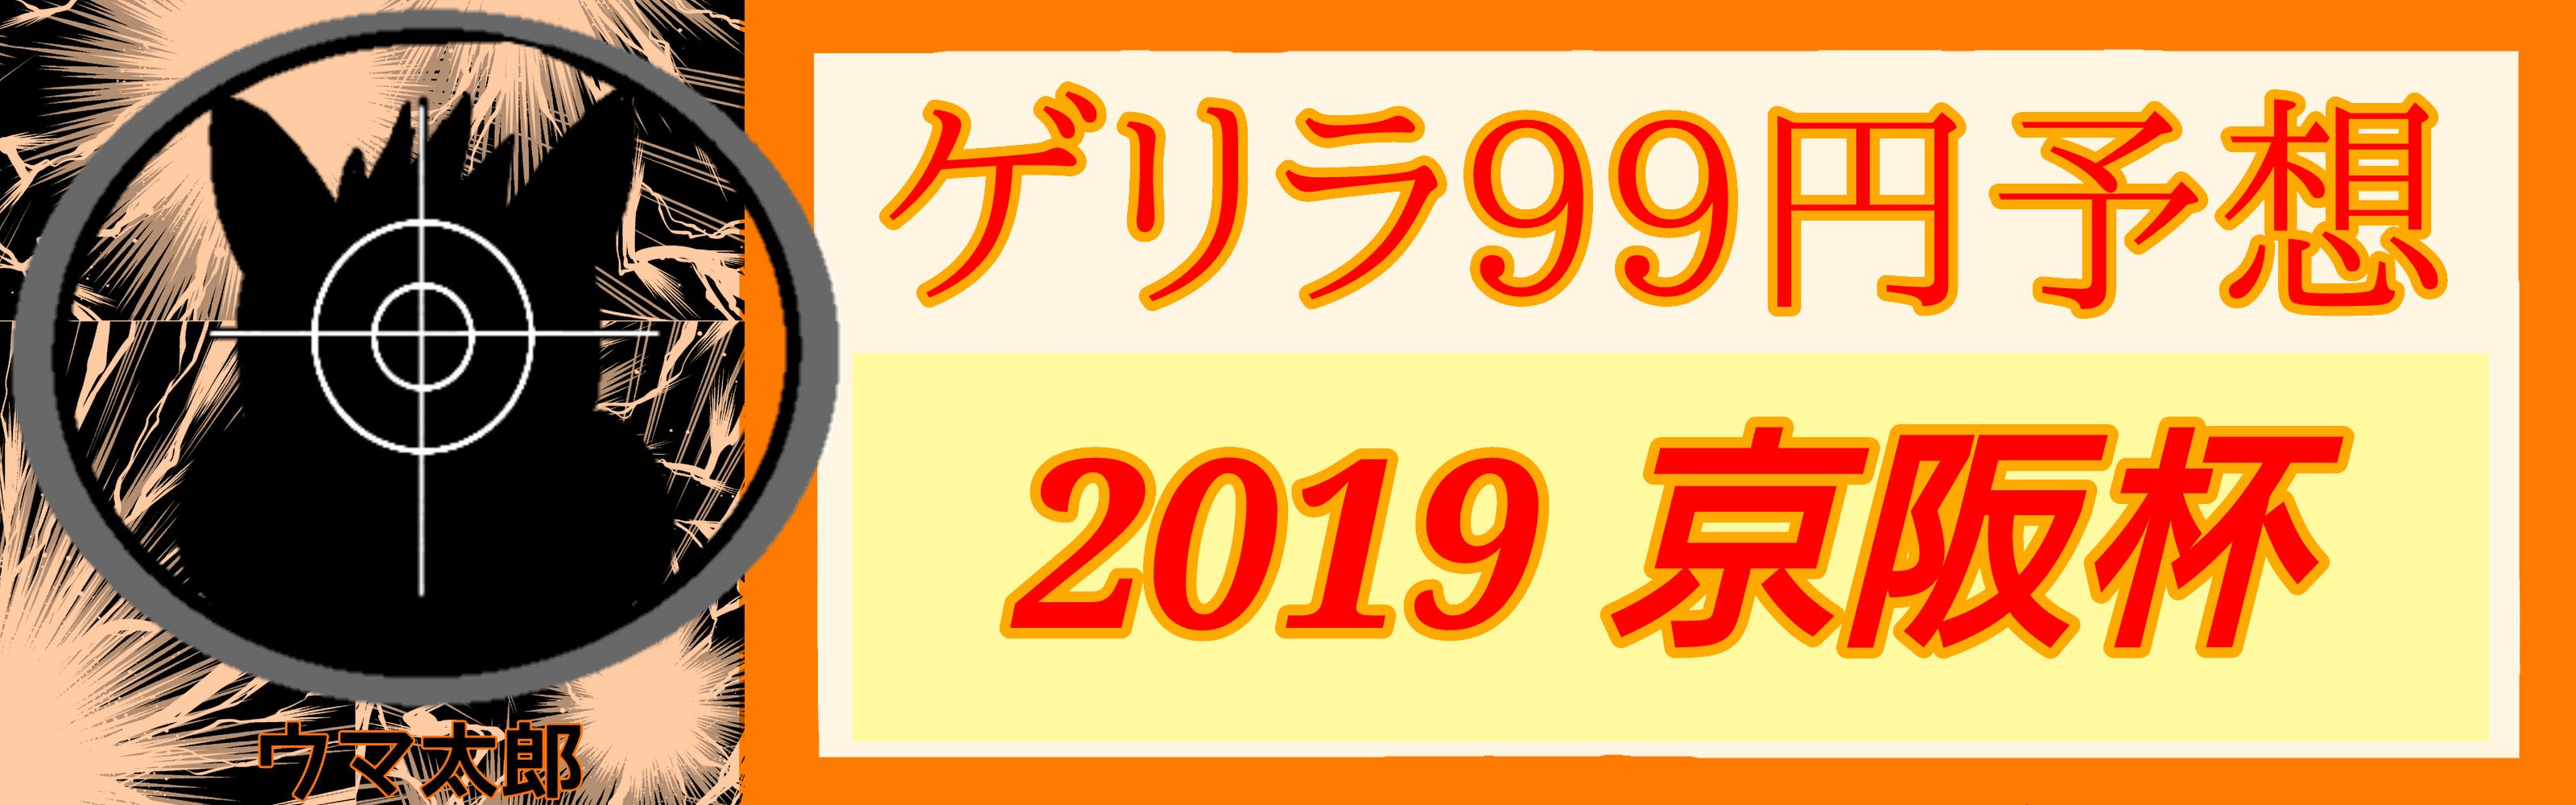 ゲリラ予想 京阪杯